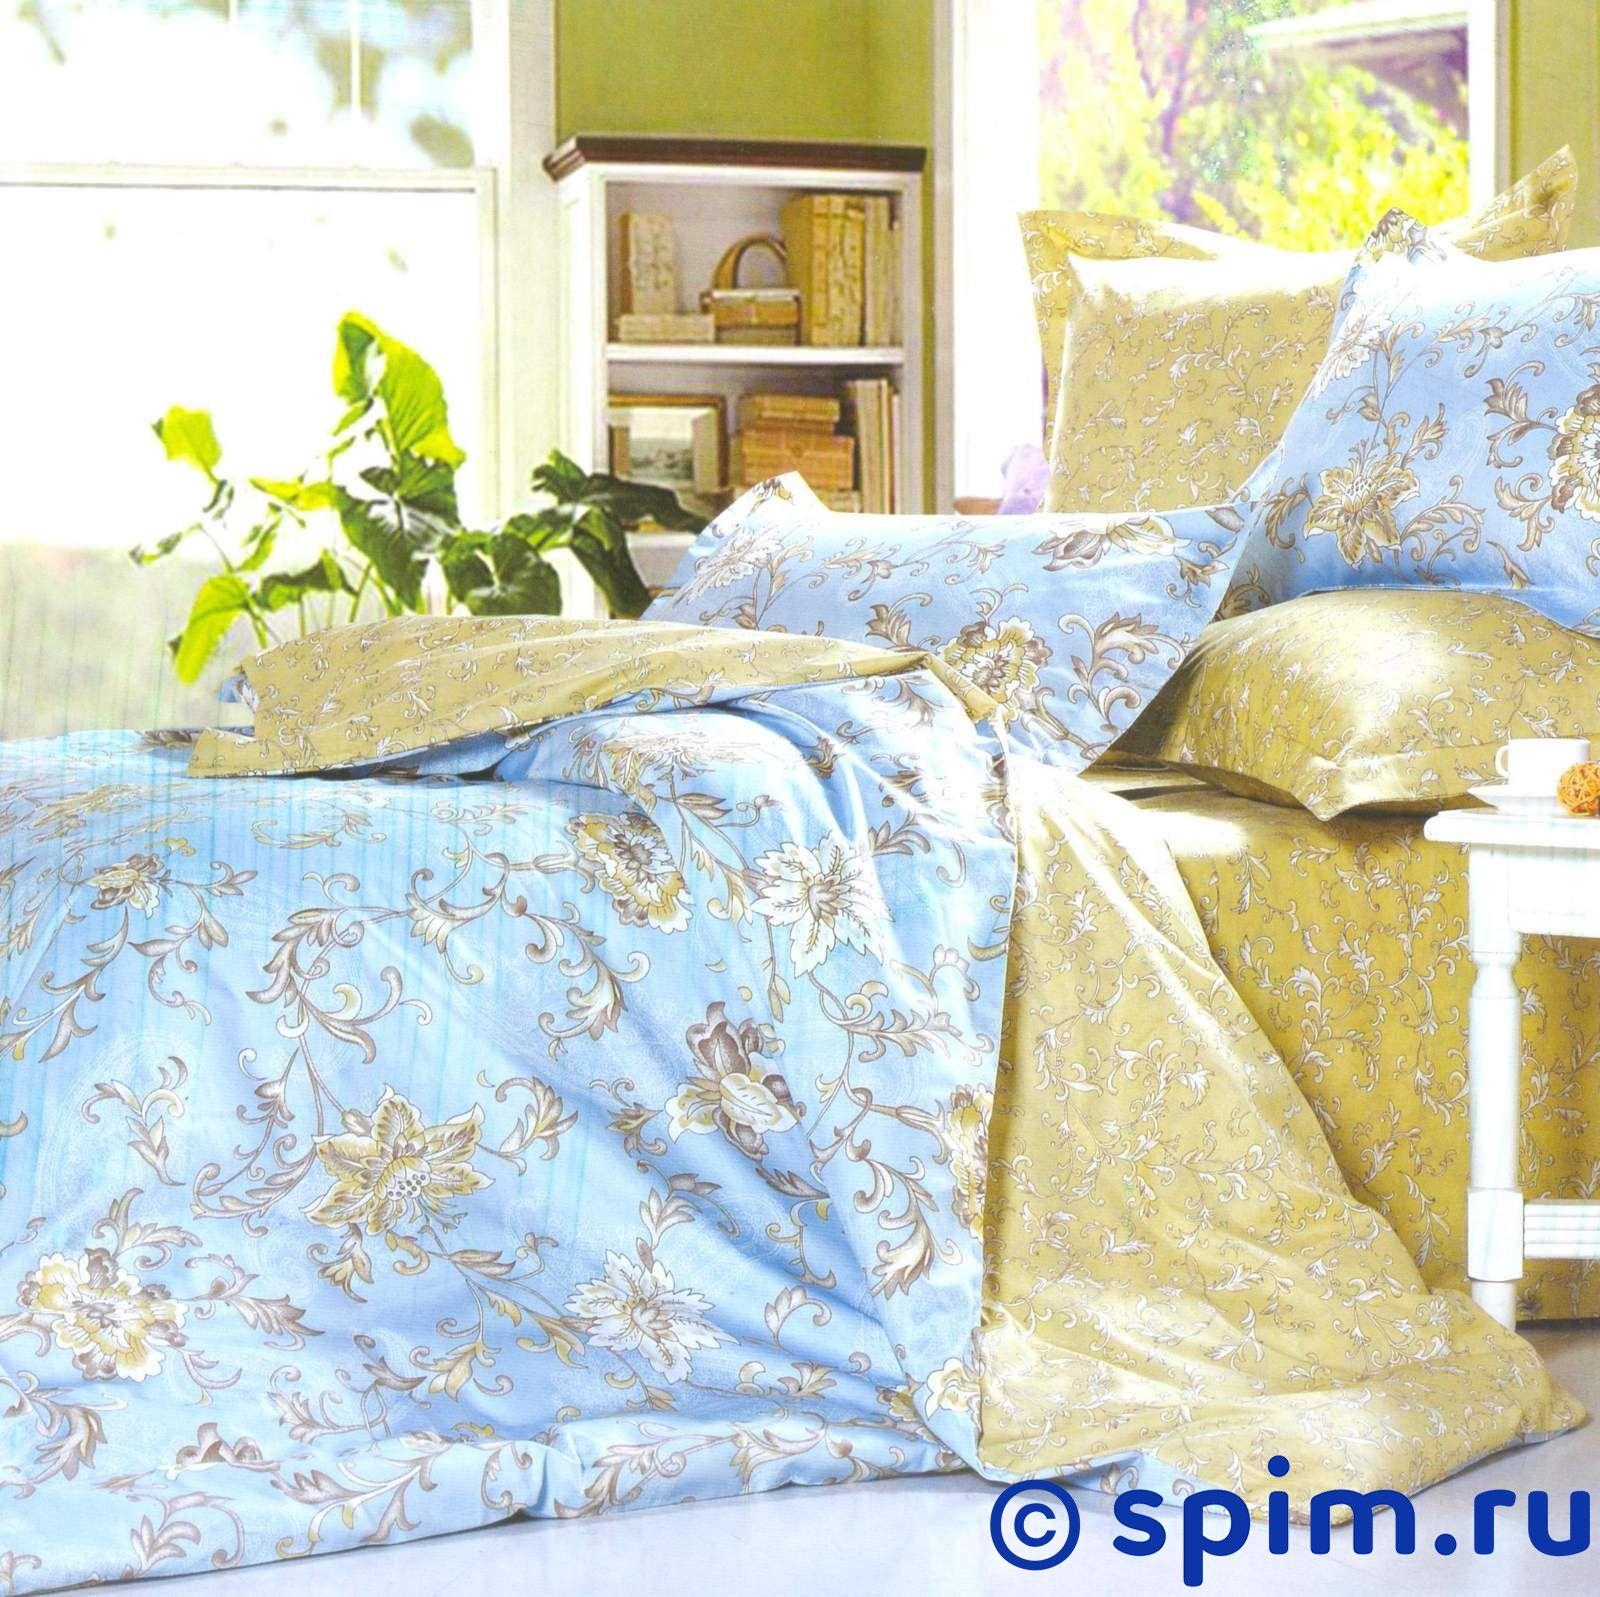 Комплект СайлиД В144 1.5 спальное